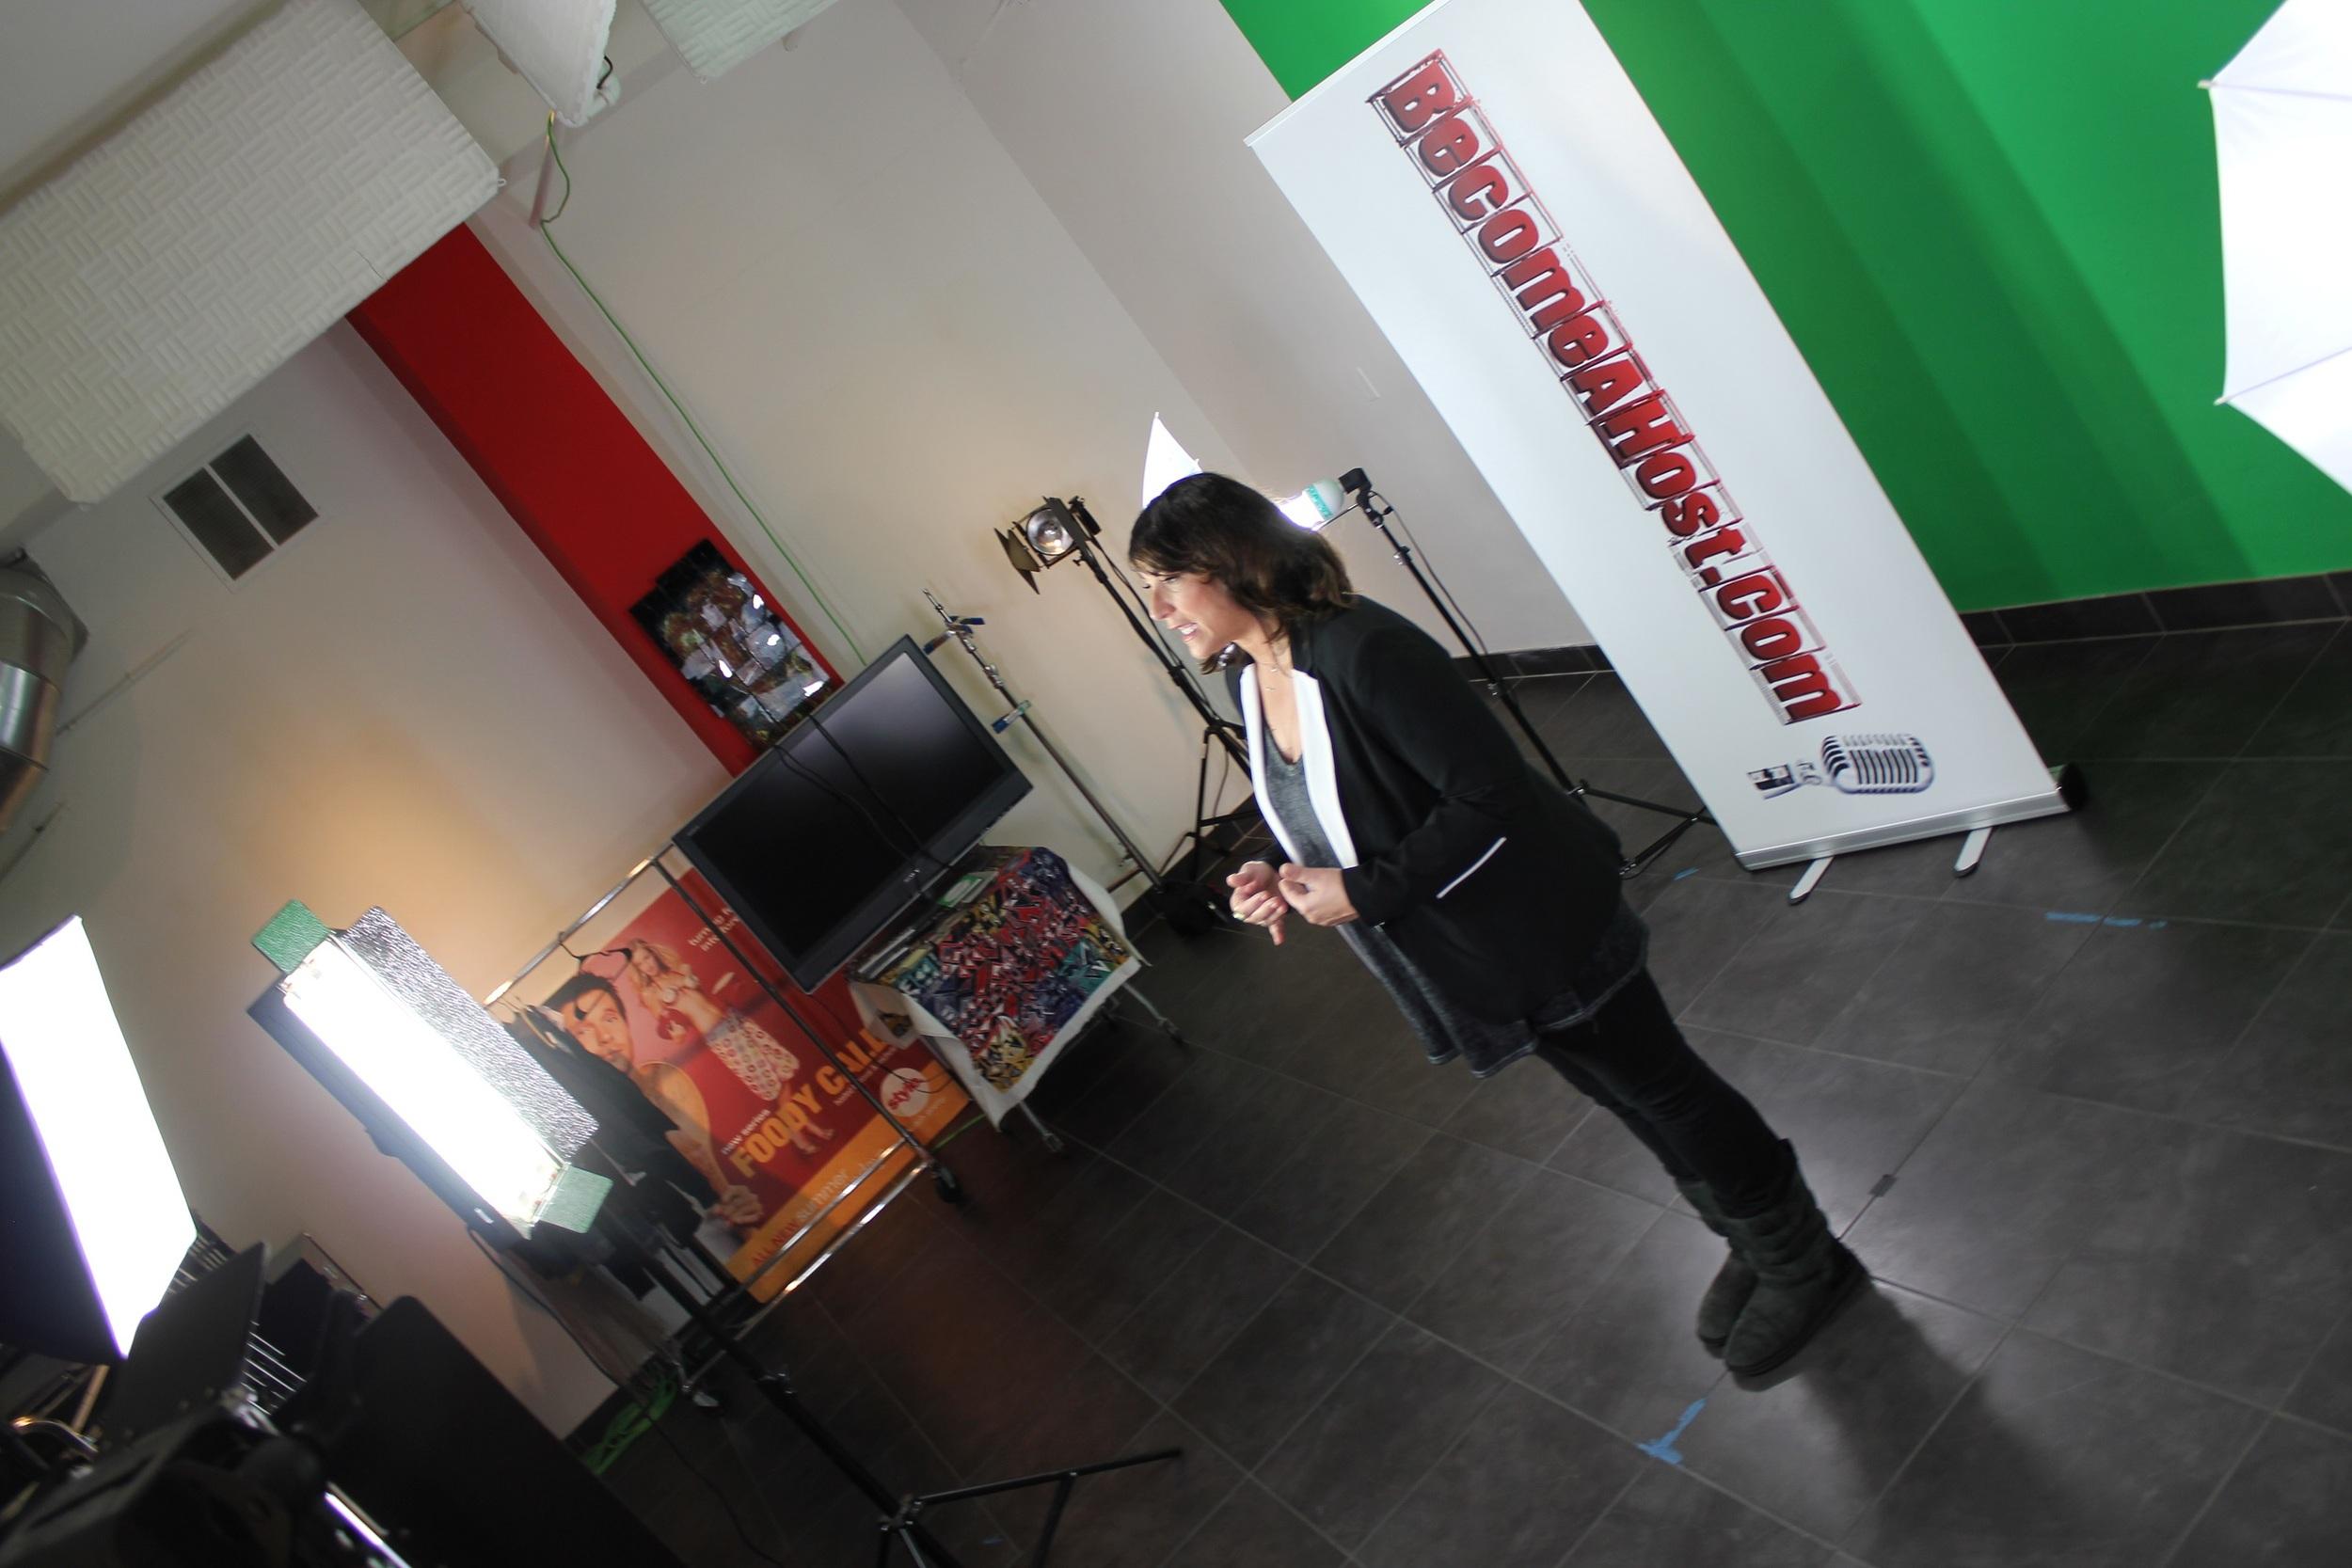 Marki in Studio4.jpg